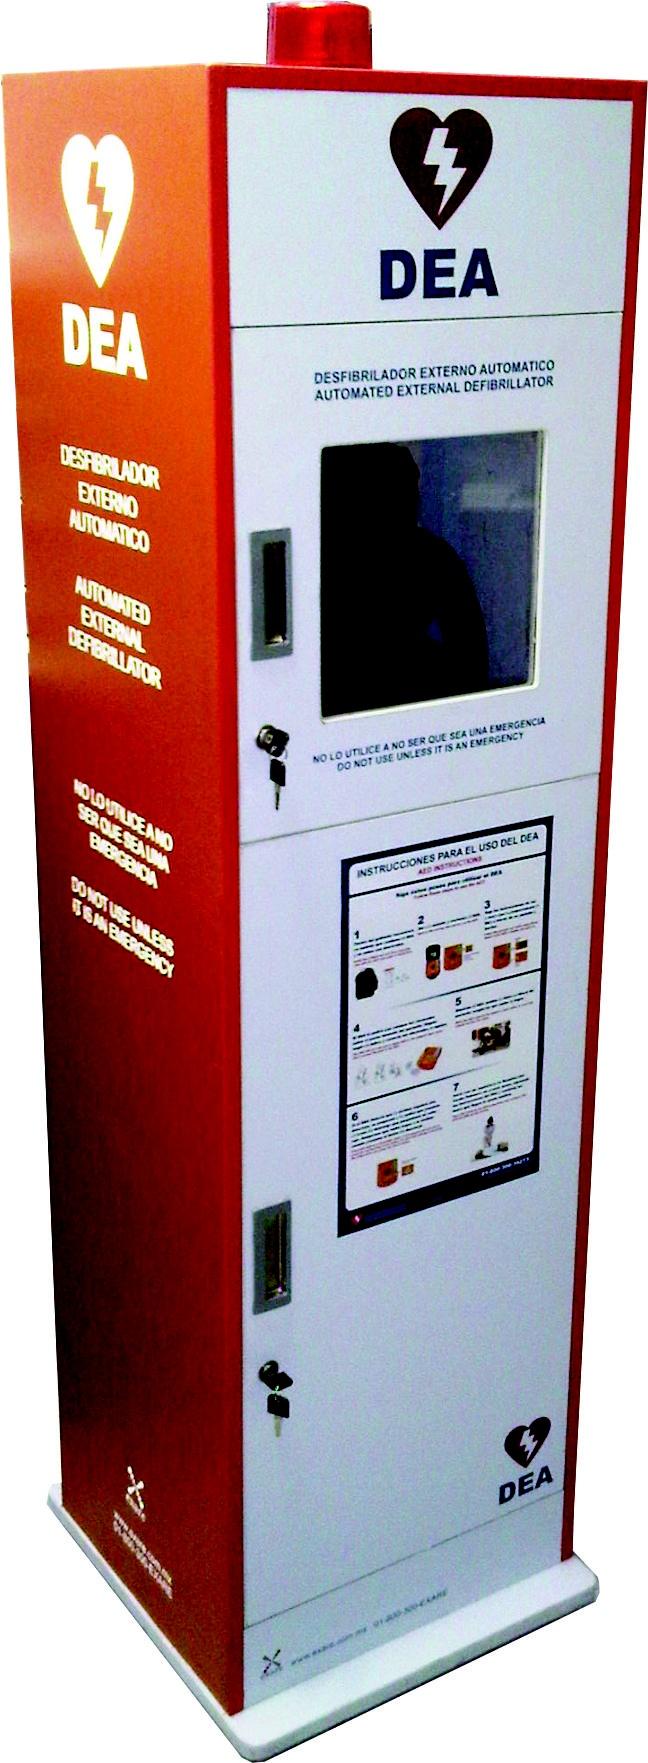 Gabinete básico de pedestal para el resguardo de un DEA, compatible con cualquier marca y modelo. Cuenta con alarma que se activa al abrir la puerta. Tiene un sistema de seguridad activo y pasivo con candados seriados.